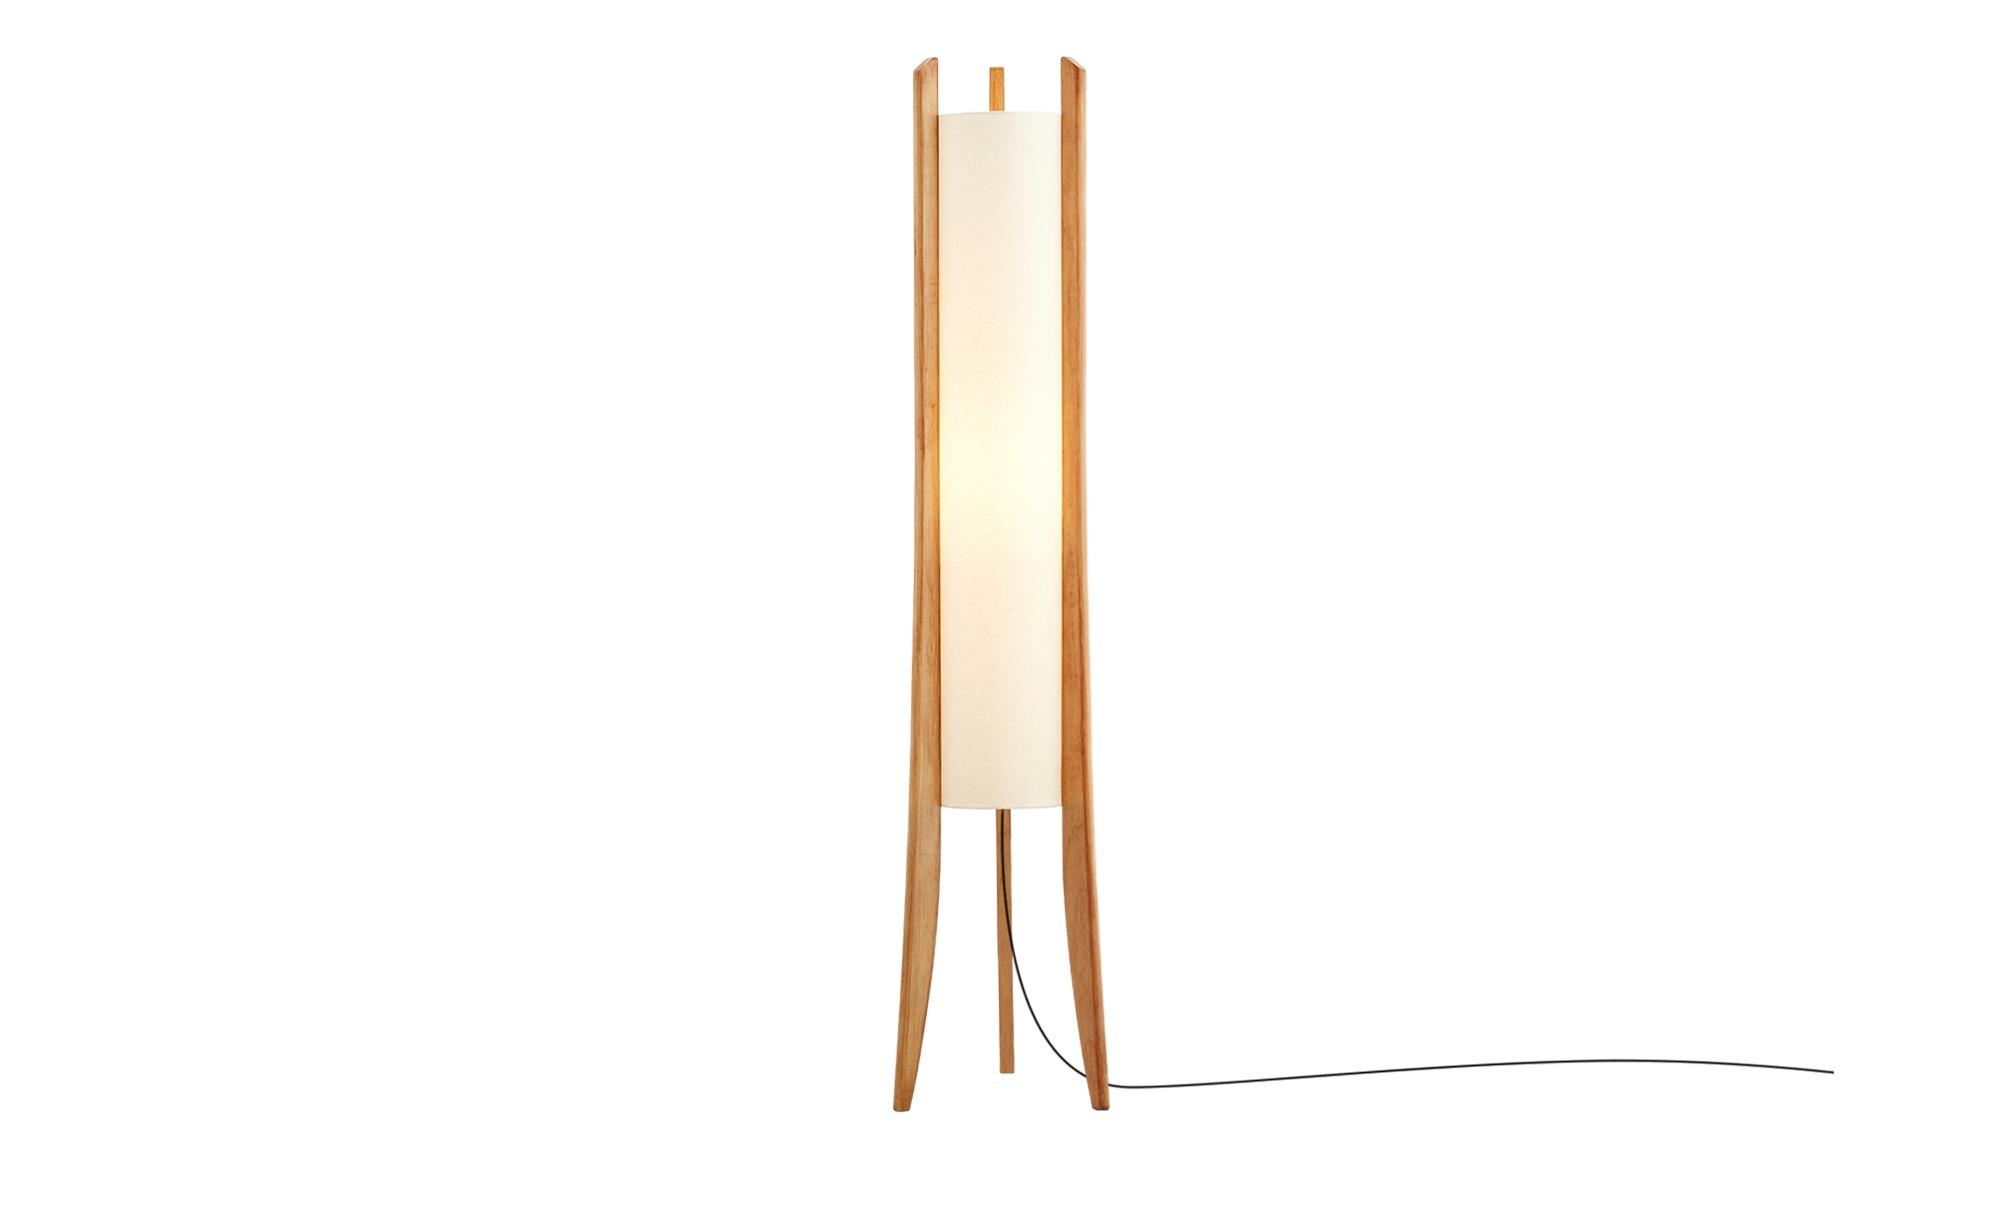 HOME STORY Stehleuchte mit Holzfüssen, 1-flammig ¦ braun ¦ Maße (cm): H: 140 Ø: [24.5] Lampen & Leuchten > Innenleuchten > Stehlampen - Höffner